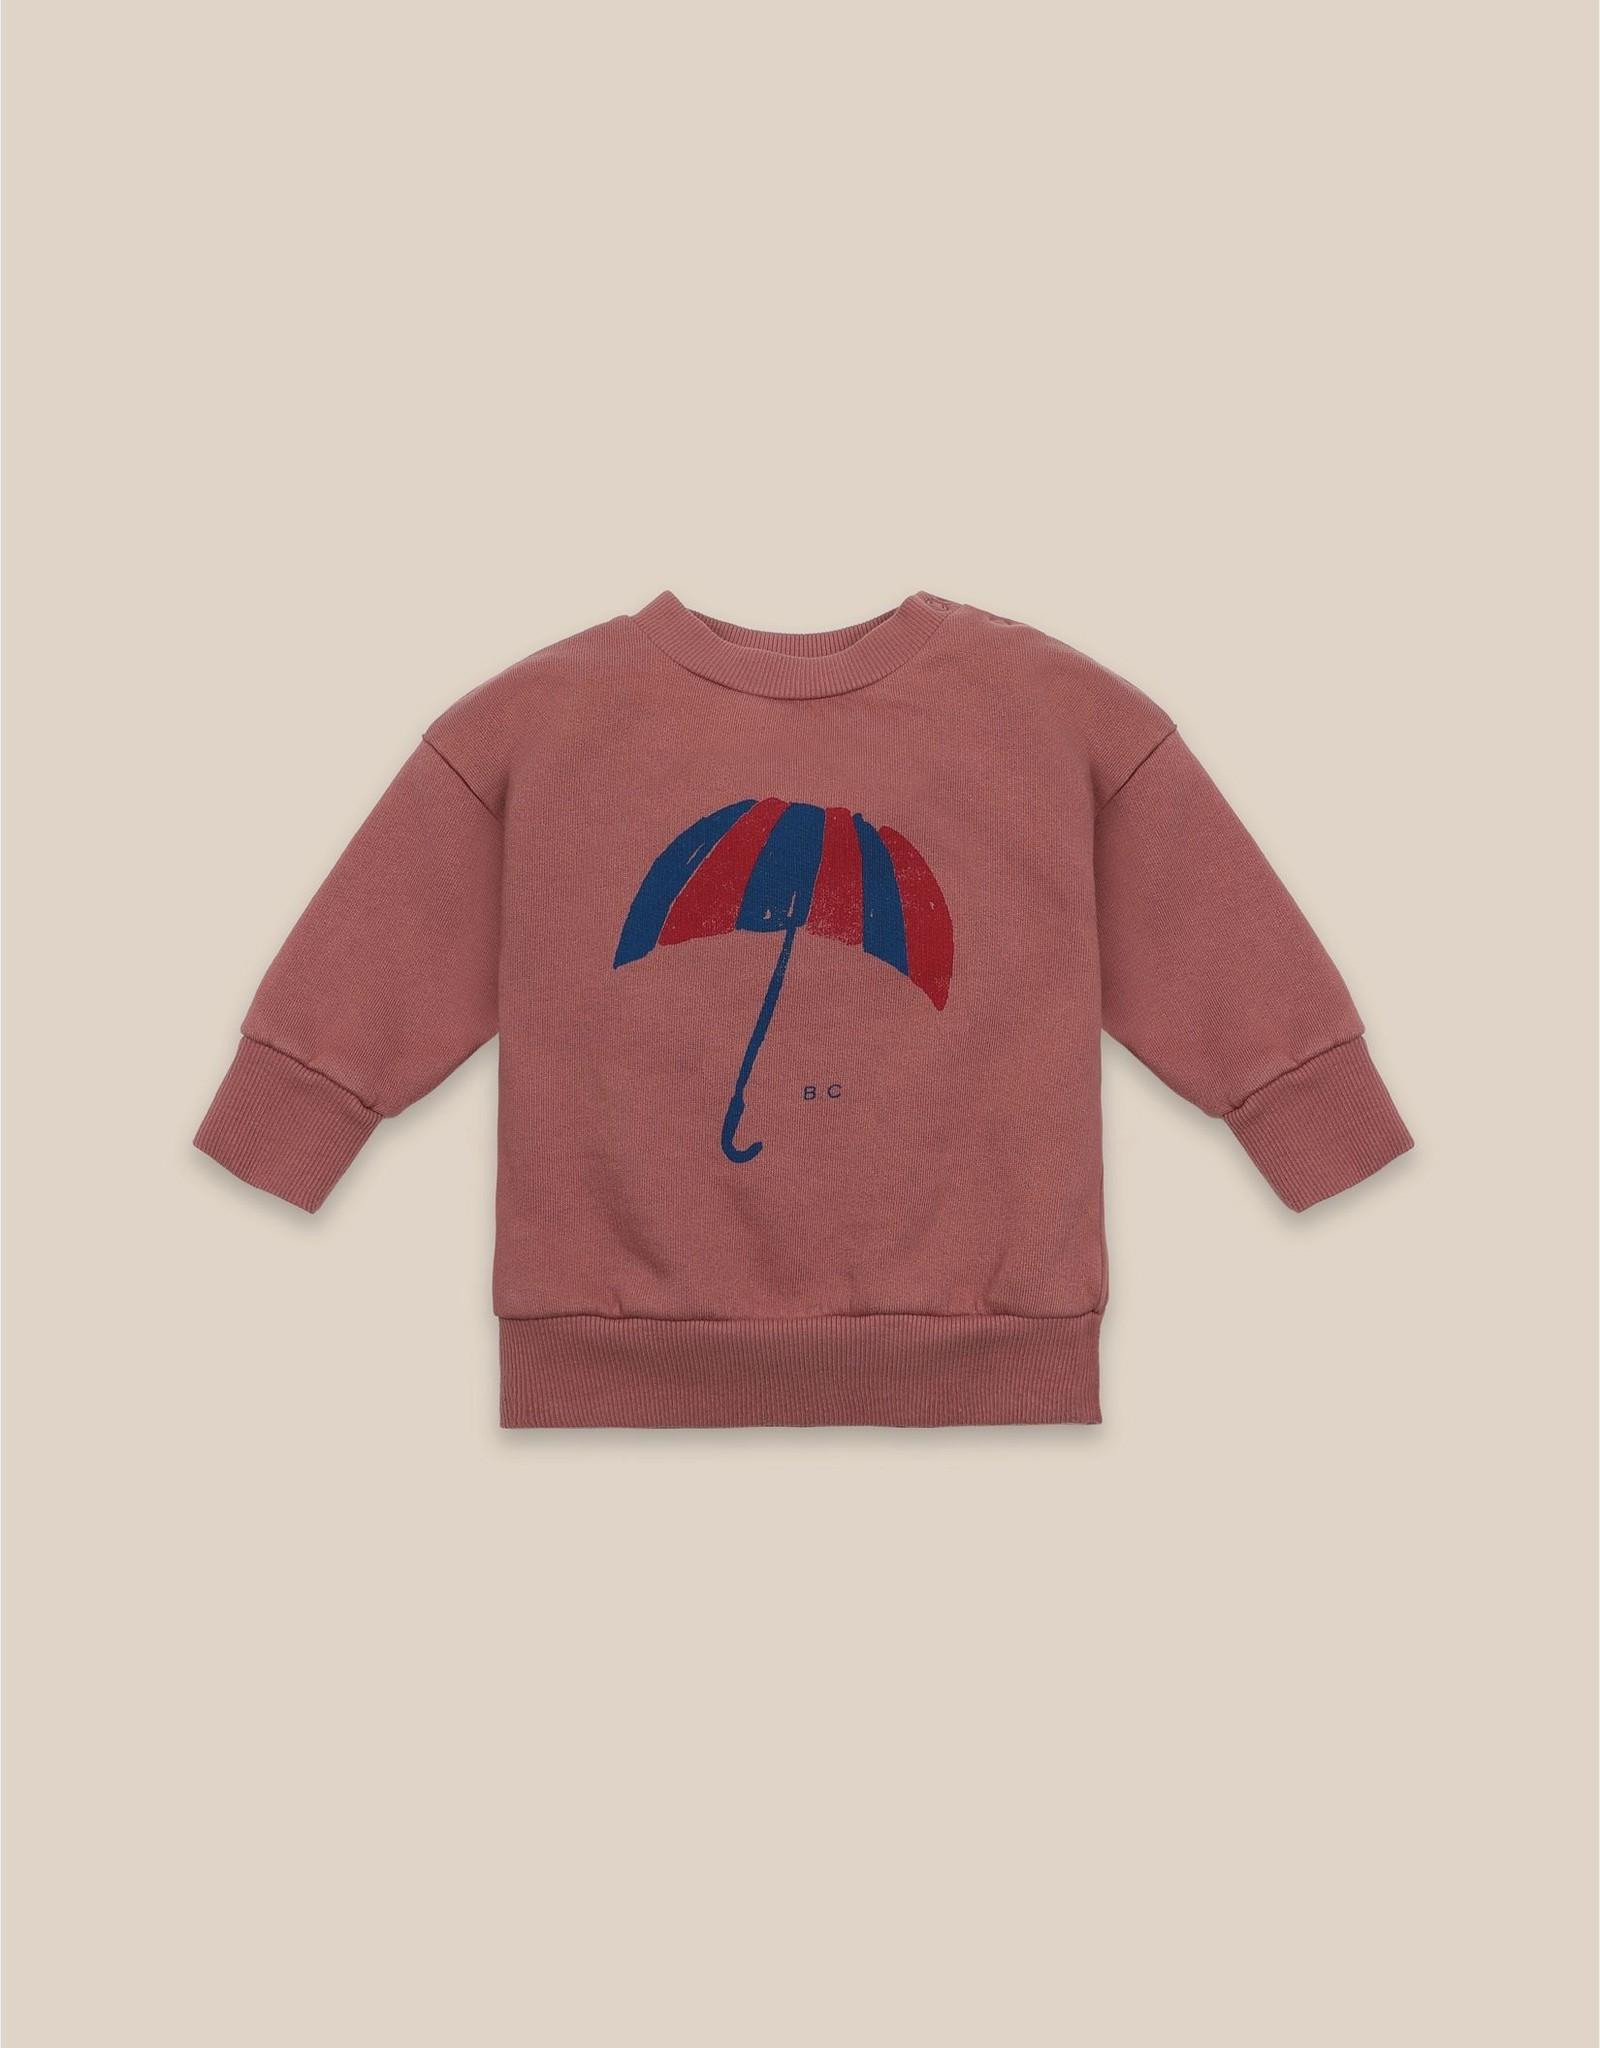 Bobo Choses - Umbrella Baby Sweatshirt